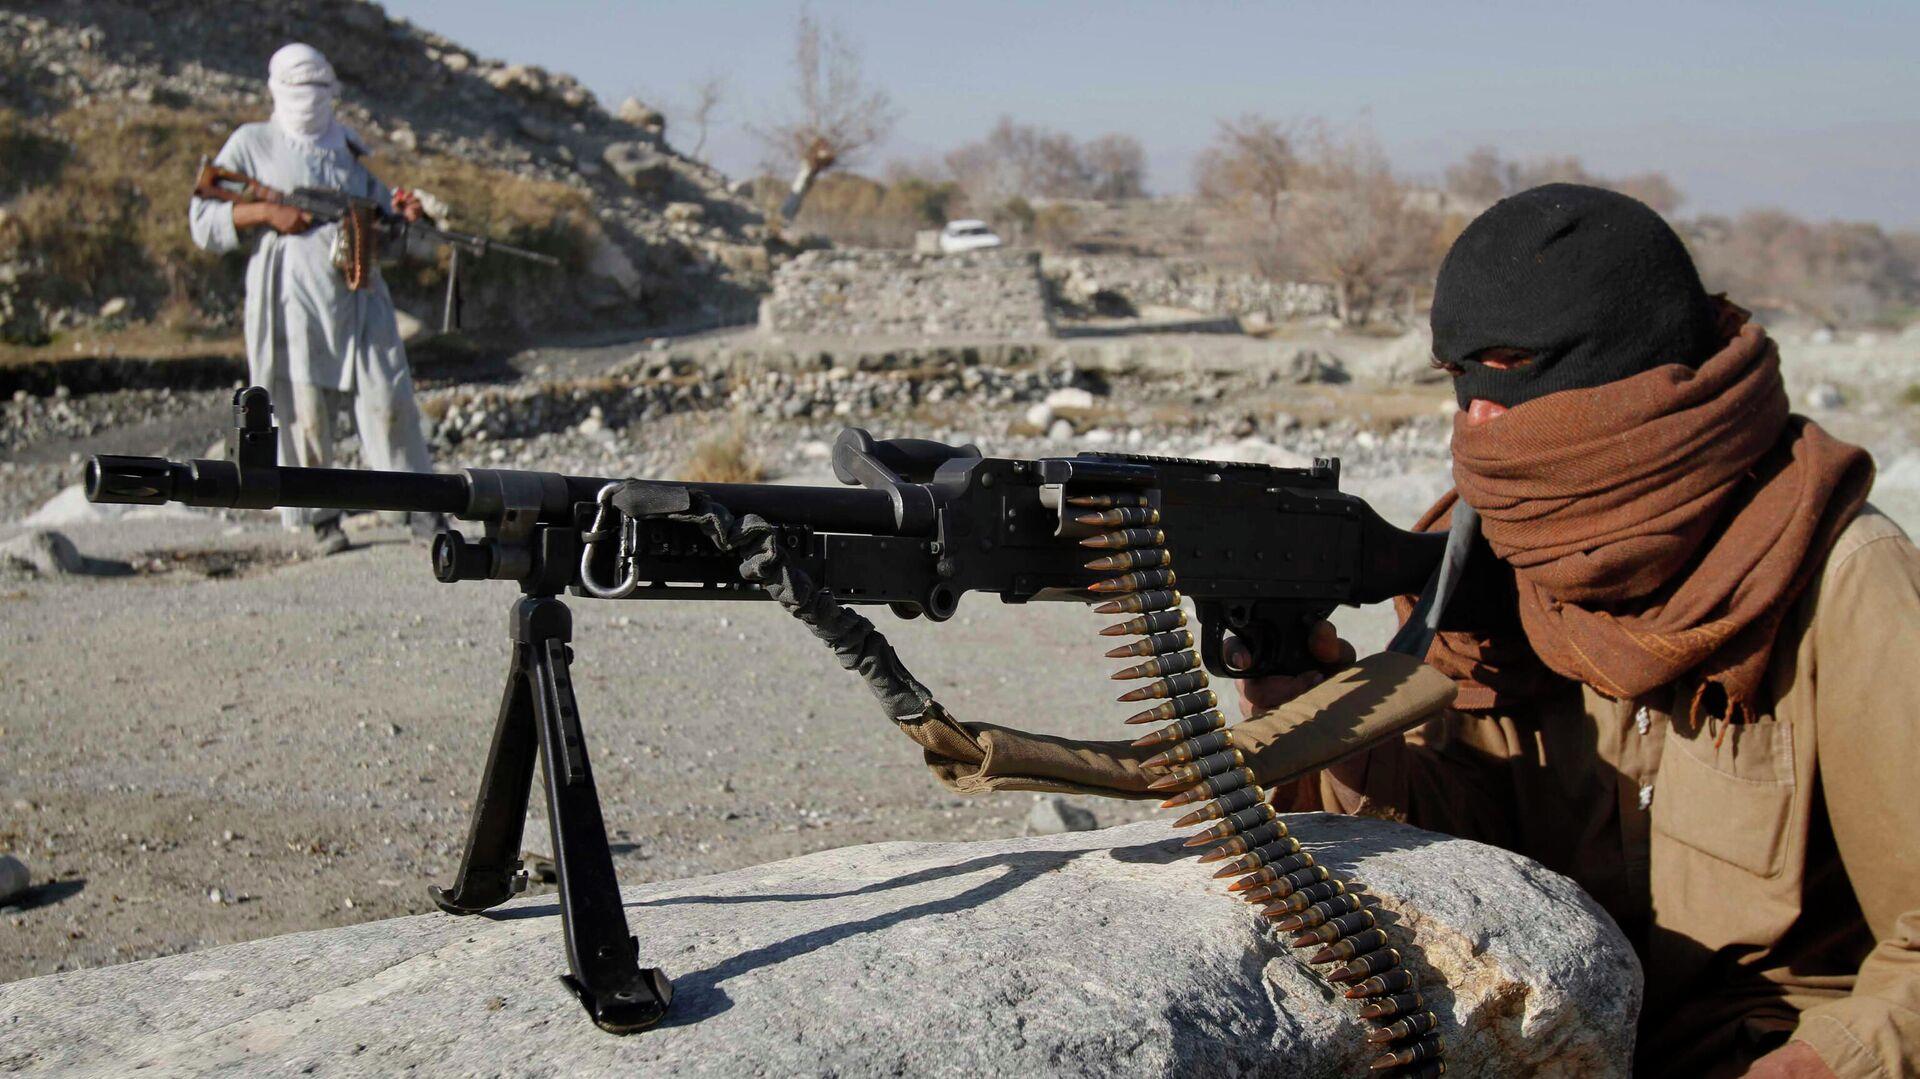 Боевики радикального движения Талибан в Афганистане - Sputnik Узбекистан, 1920, 04.07.2021